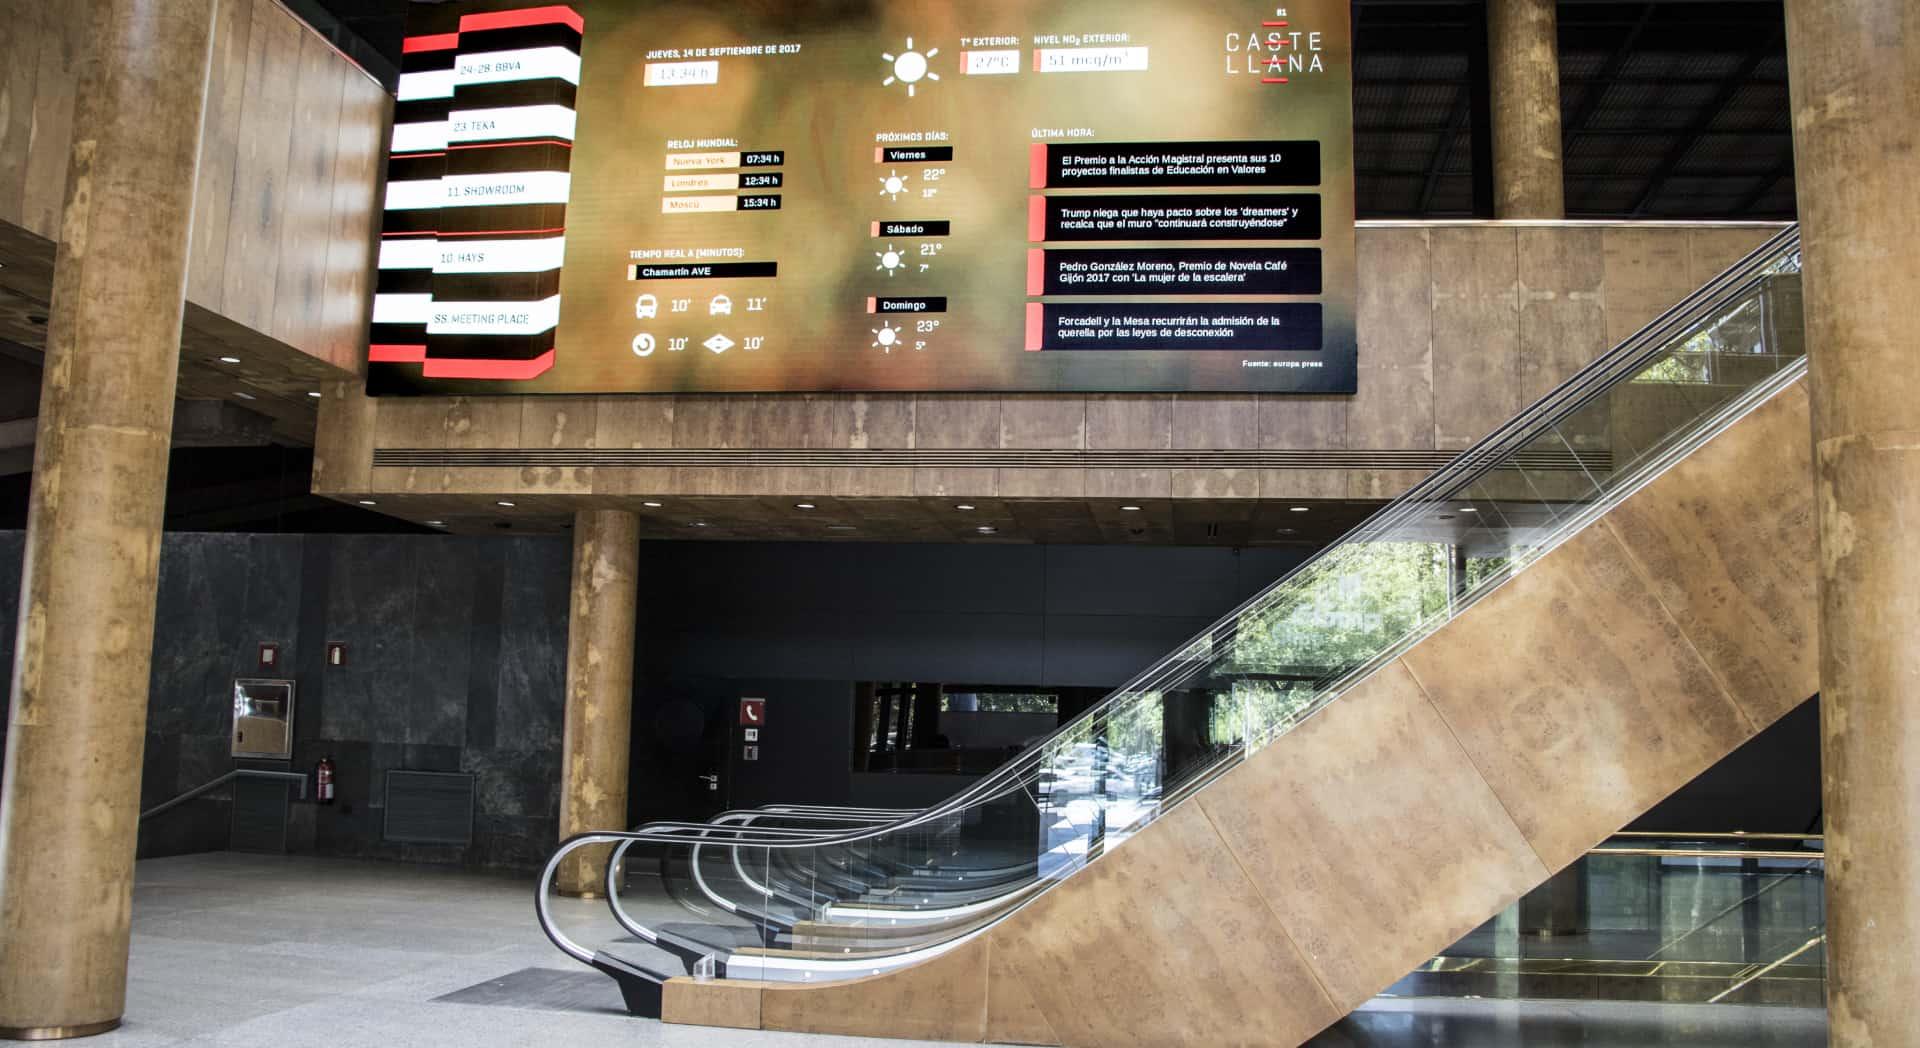 Digitalización de edificio Castellana 81 en Madrid